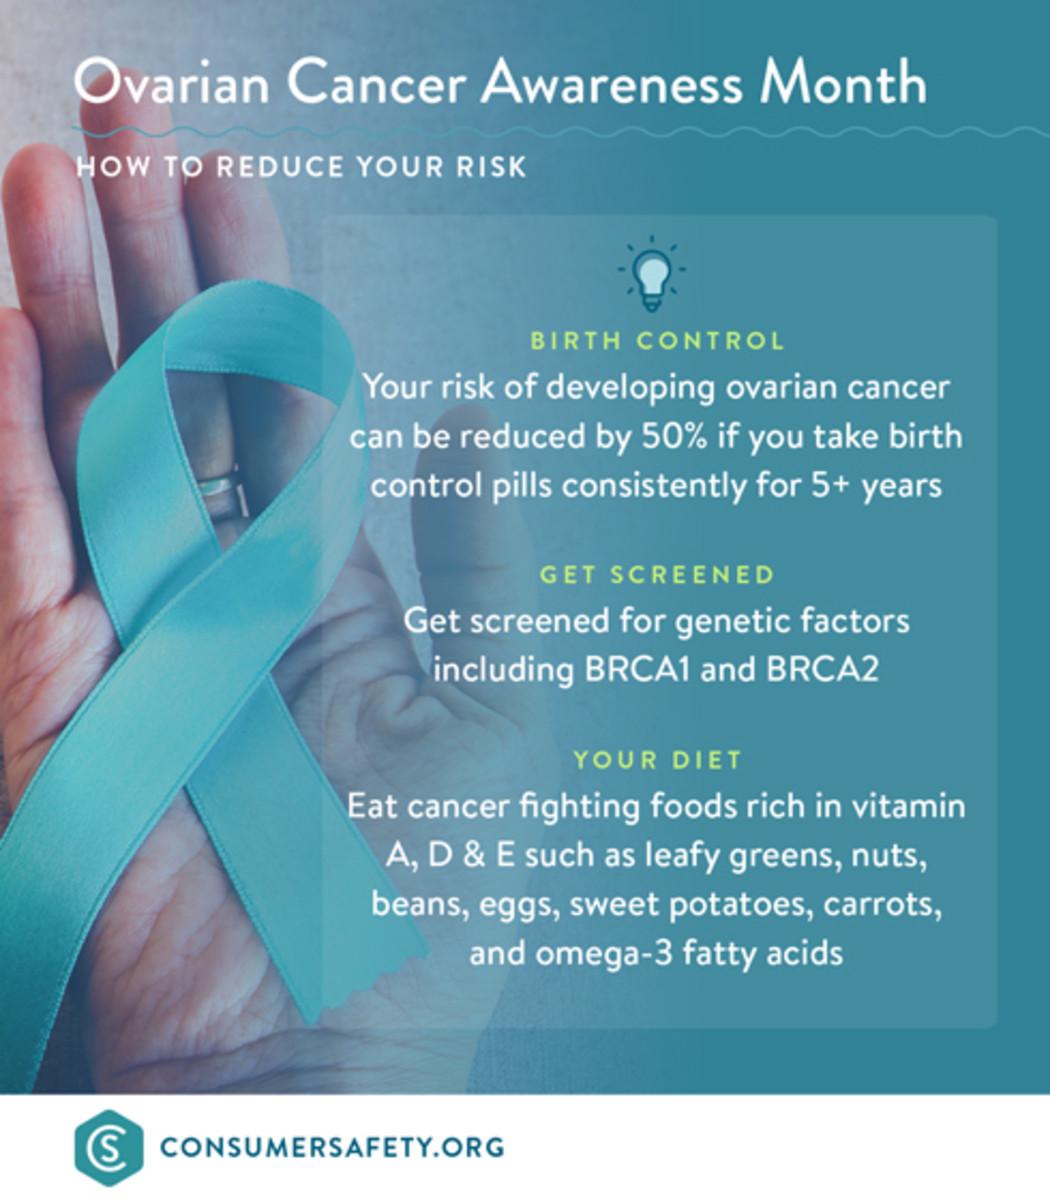 OvarianCancerTips